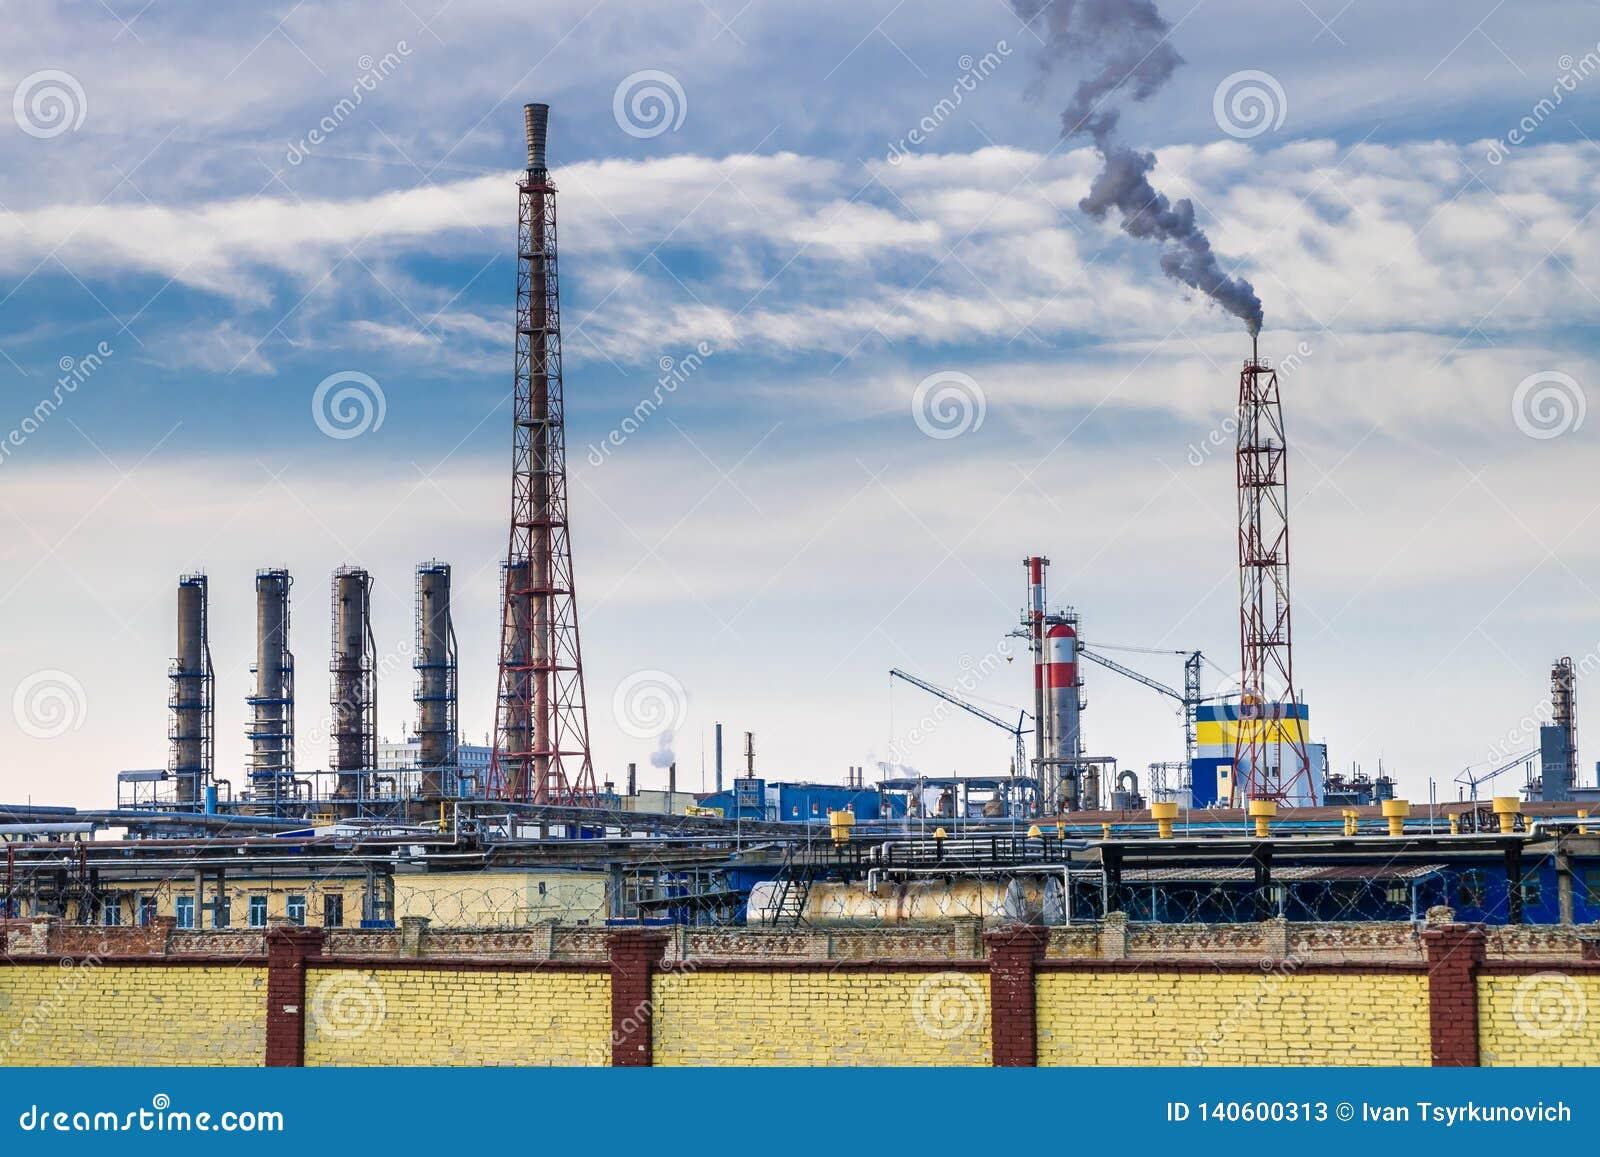 一家化工企业工厂的管子 大气污染概念 工业风景环境污染浪费热力